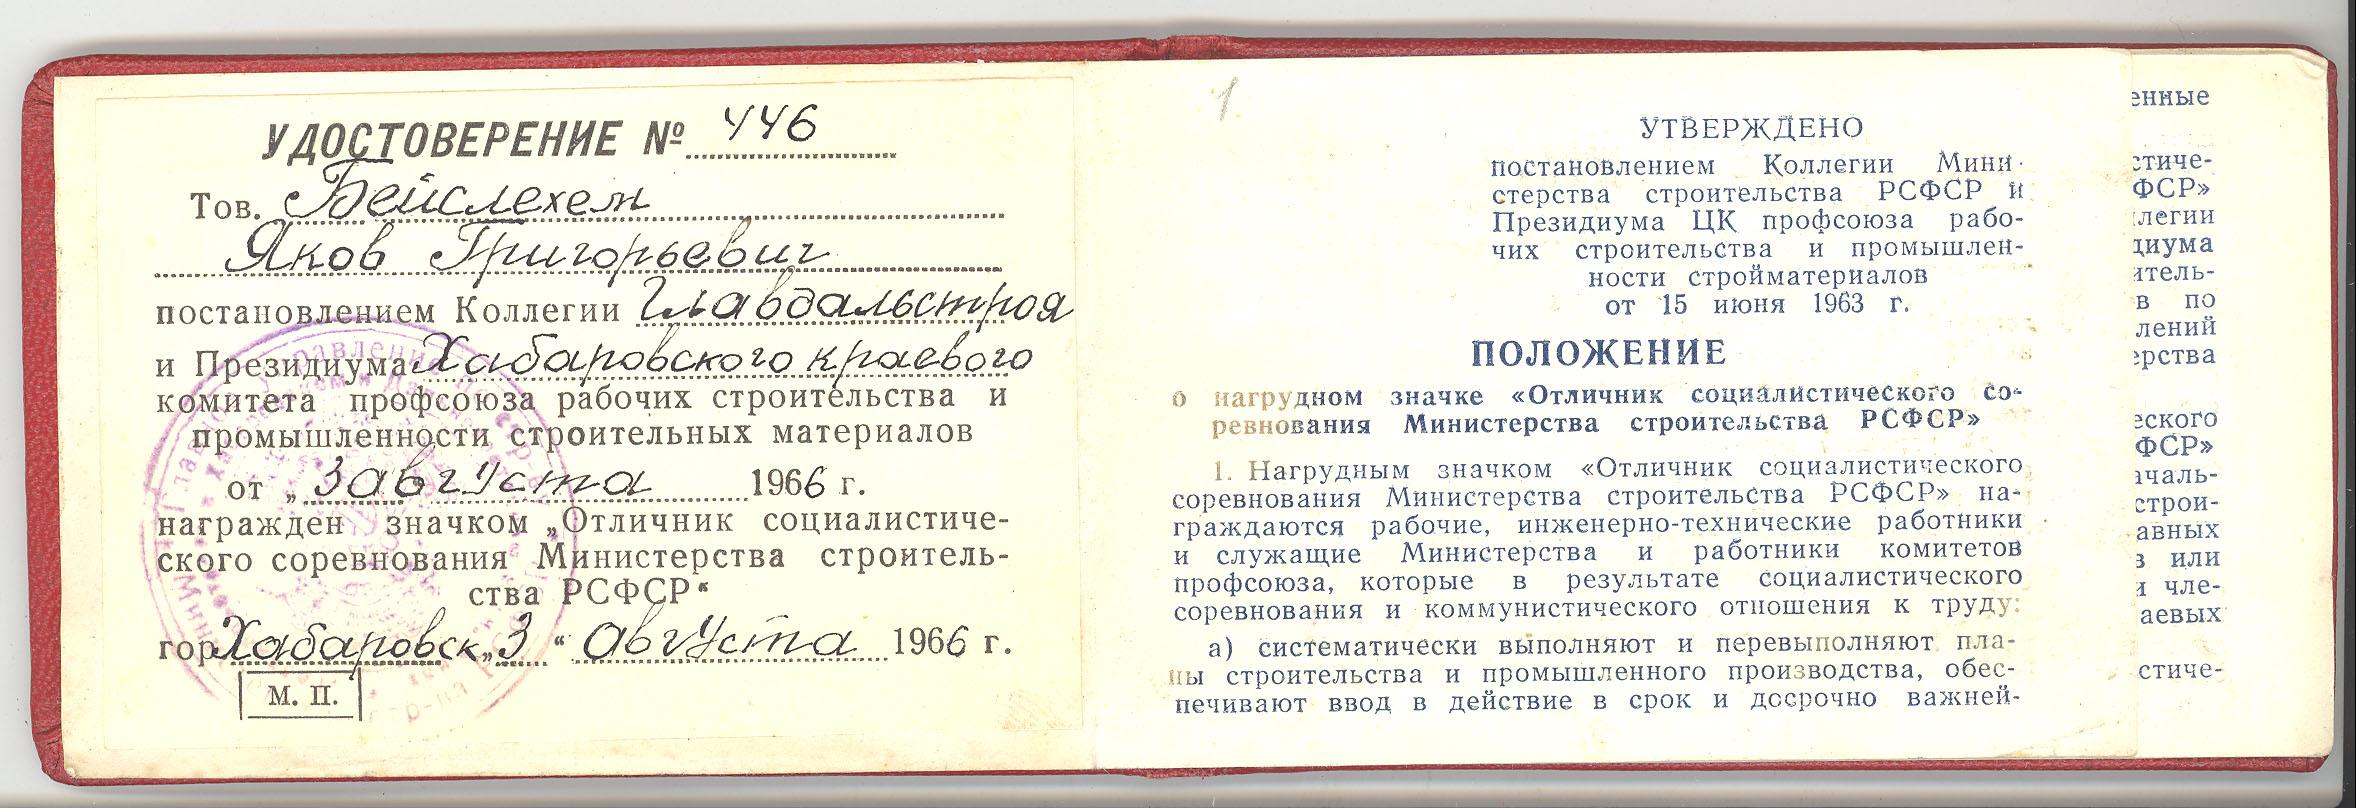 Удостоверение № 446 к значку «Отличник социалистического соревнования Министерства строительства РСФСР»